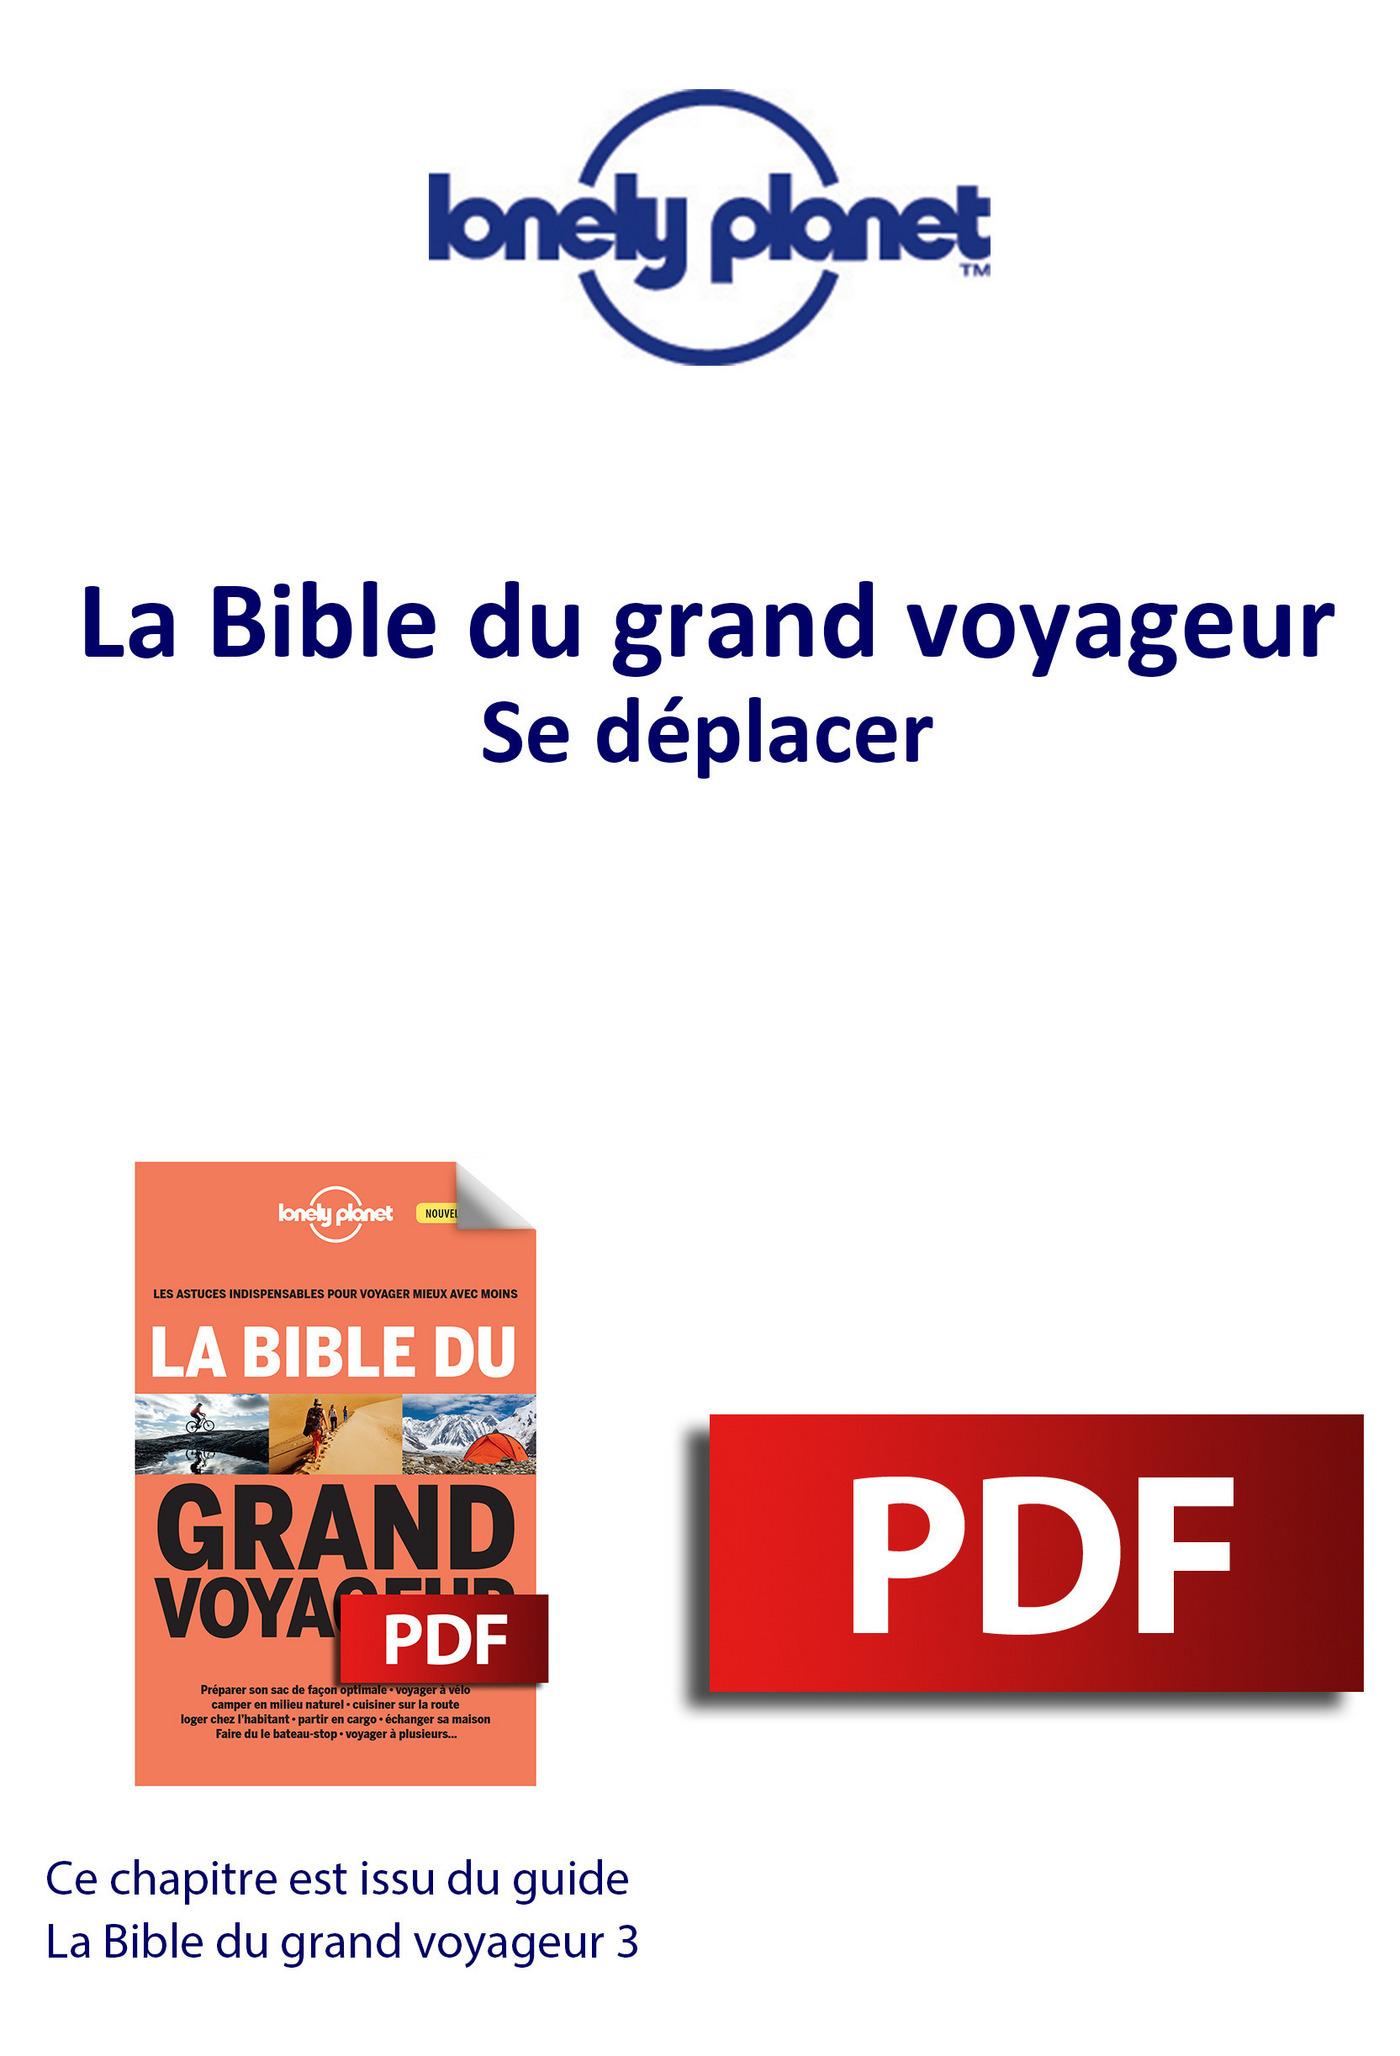 Bible du grand voyageur - Se déplacer